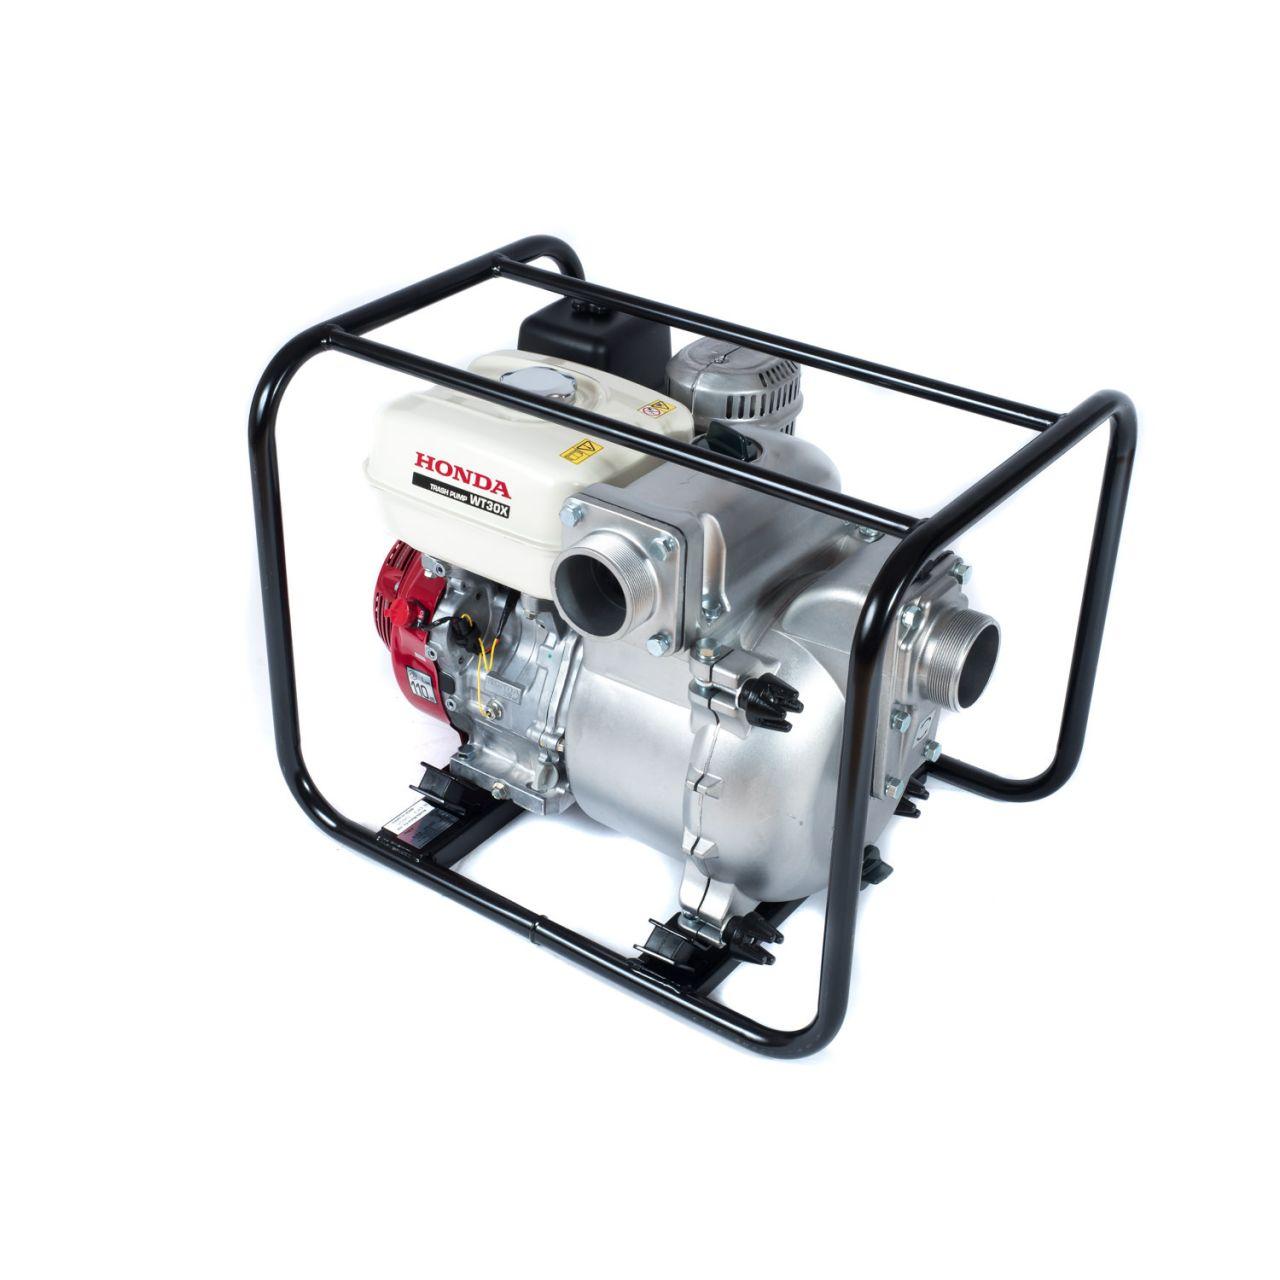 Honda Wasserpumpe WT 30 X WT30X